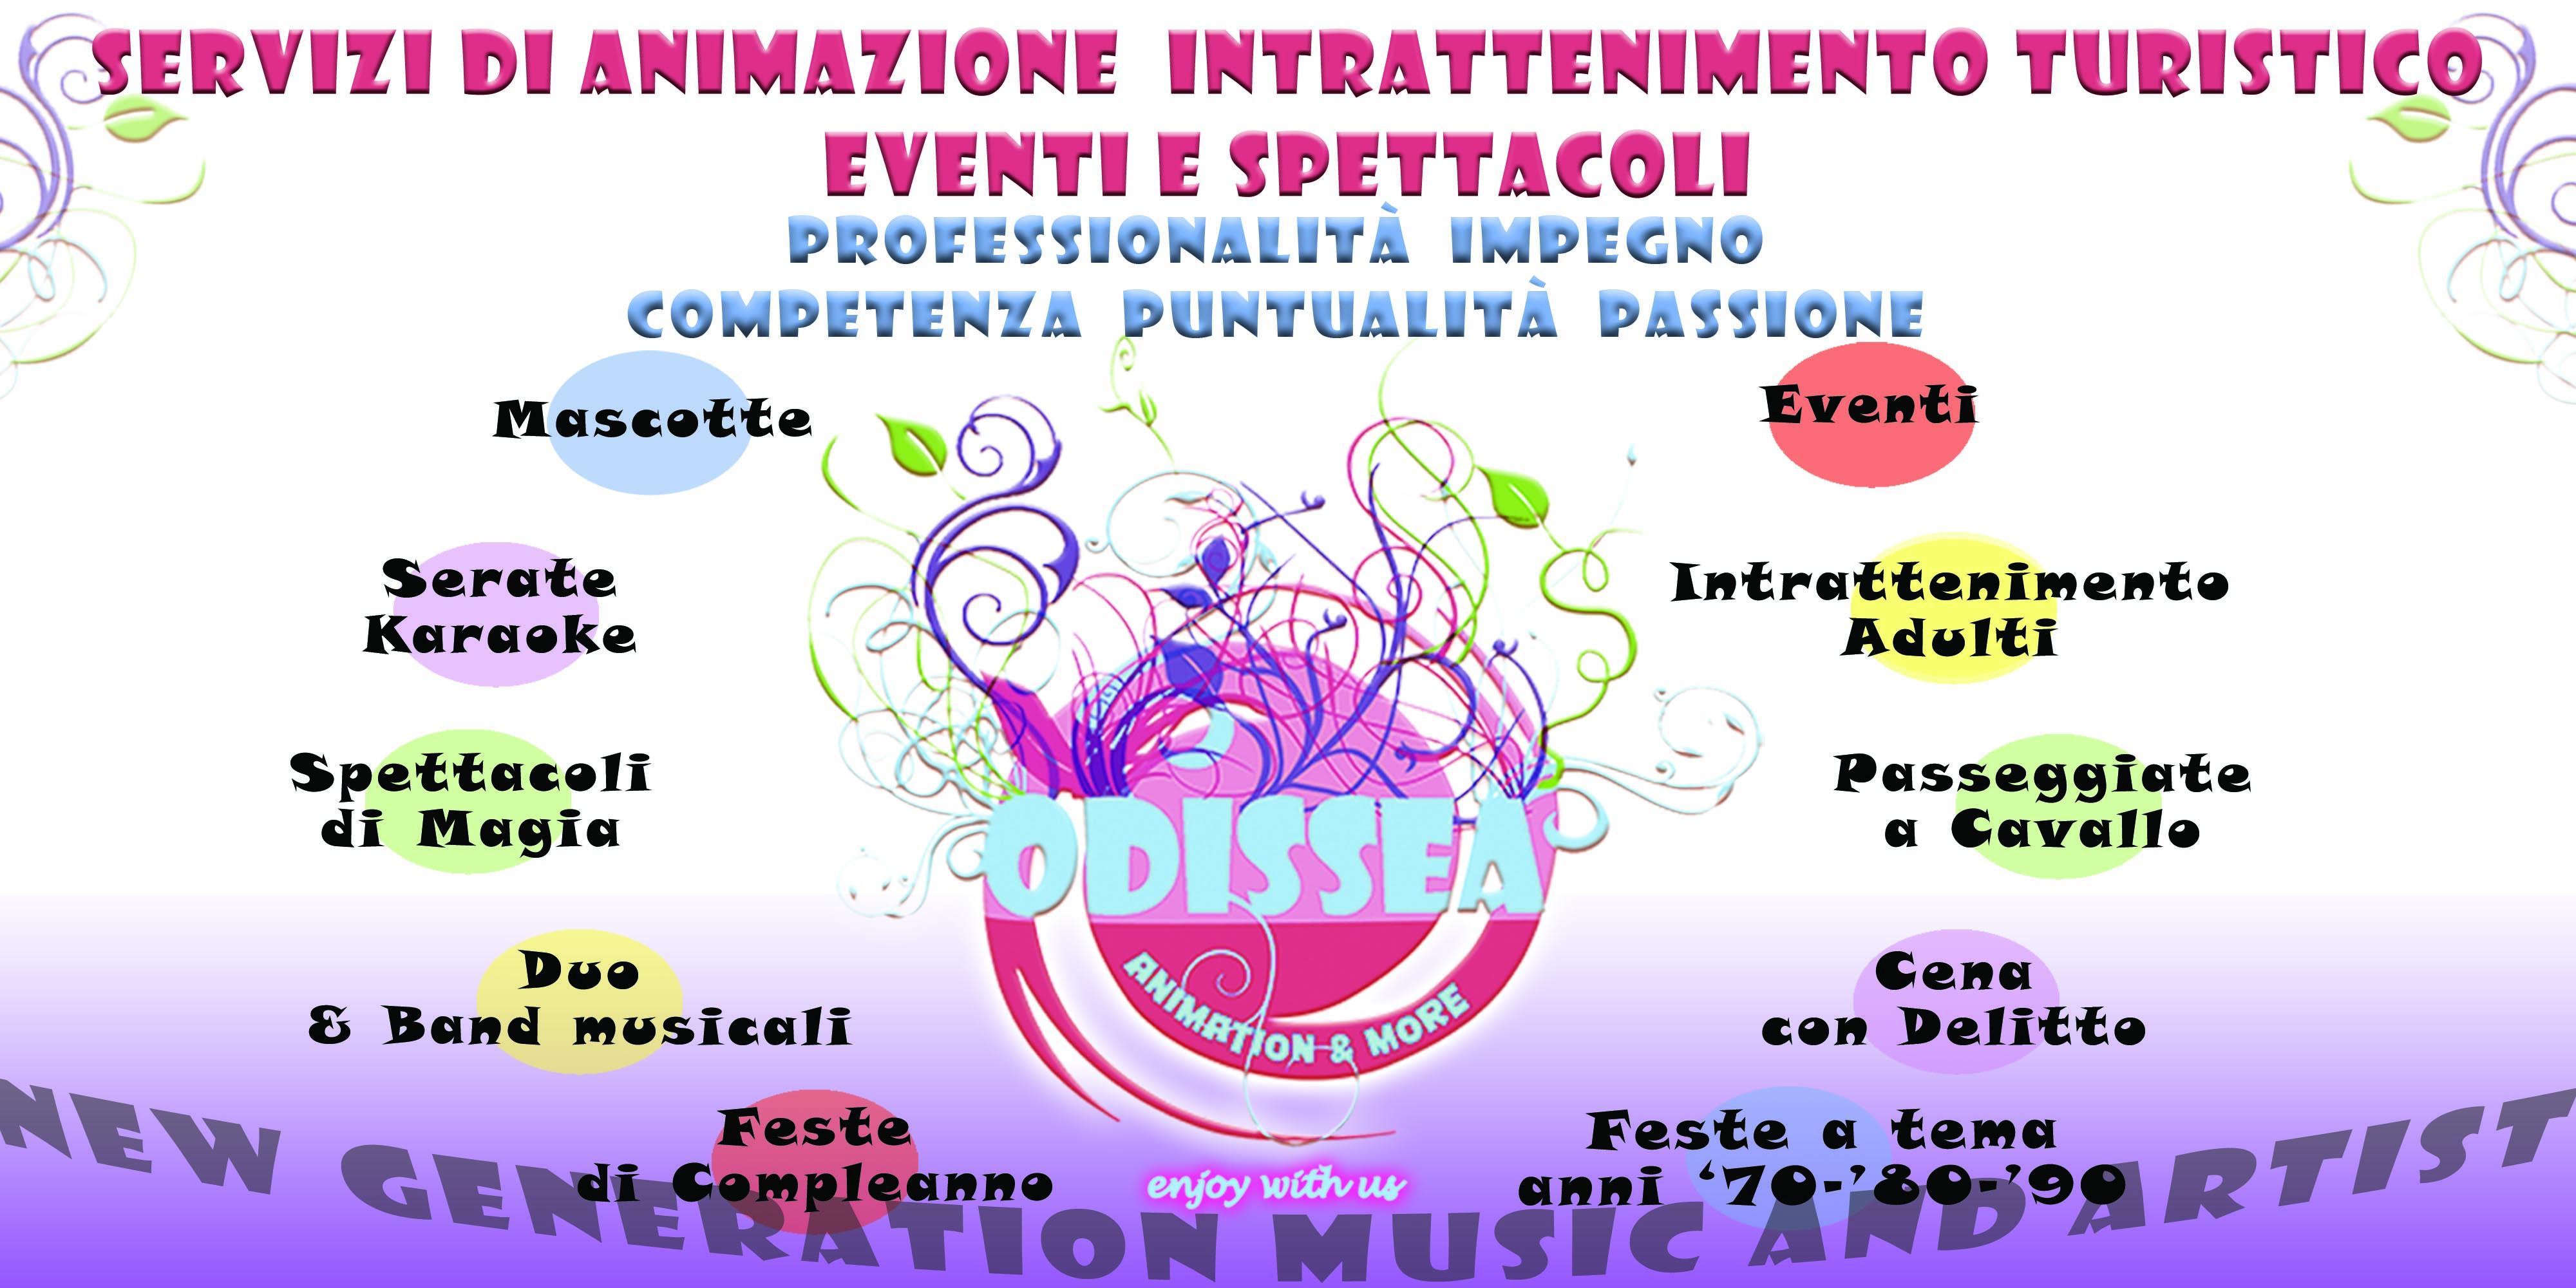 slide-odissea1